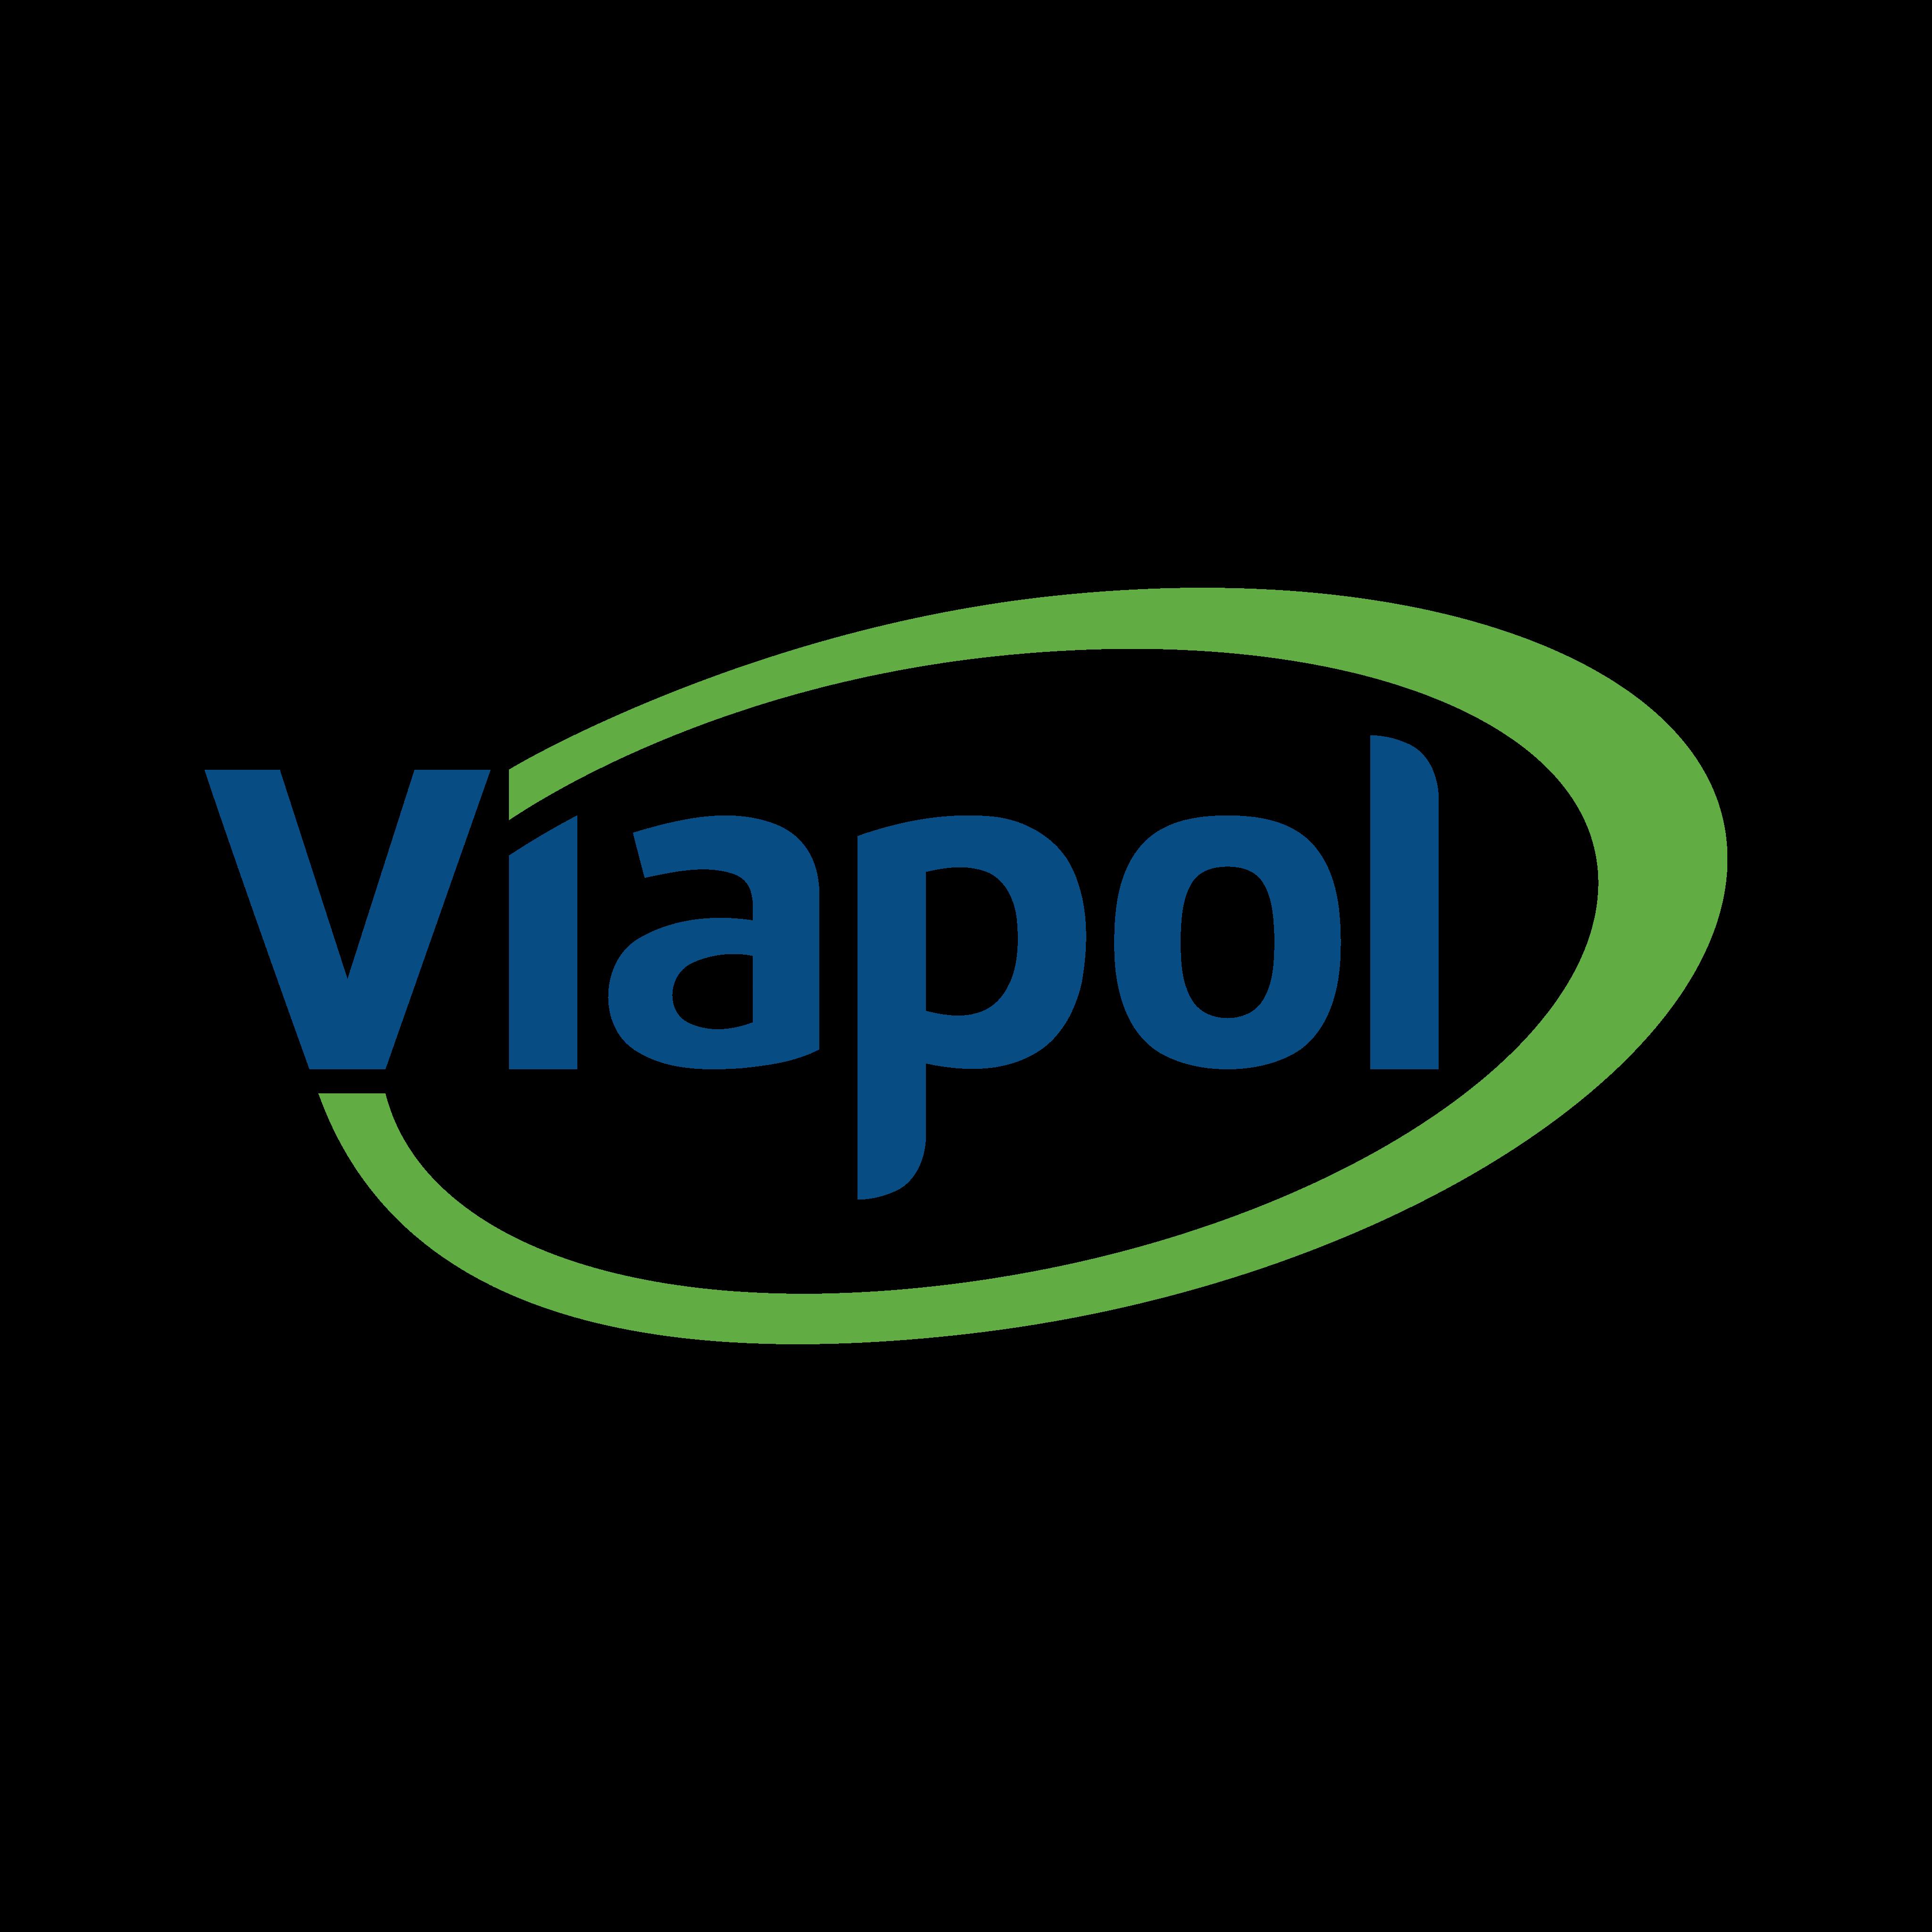 Viapol Logo PNG.